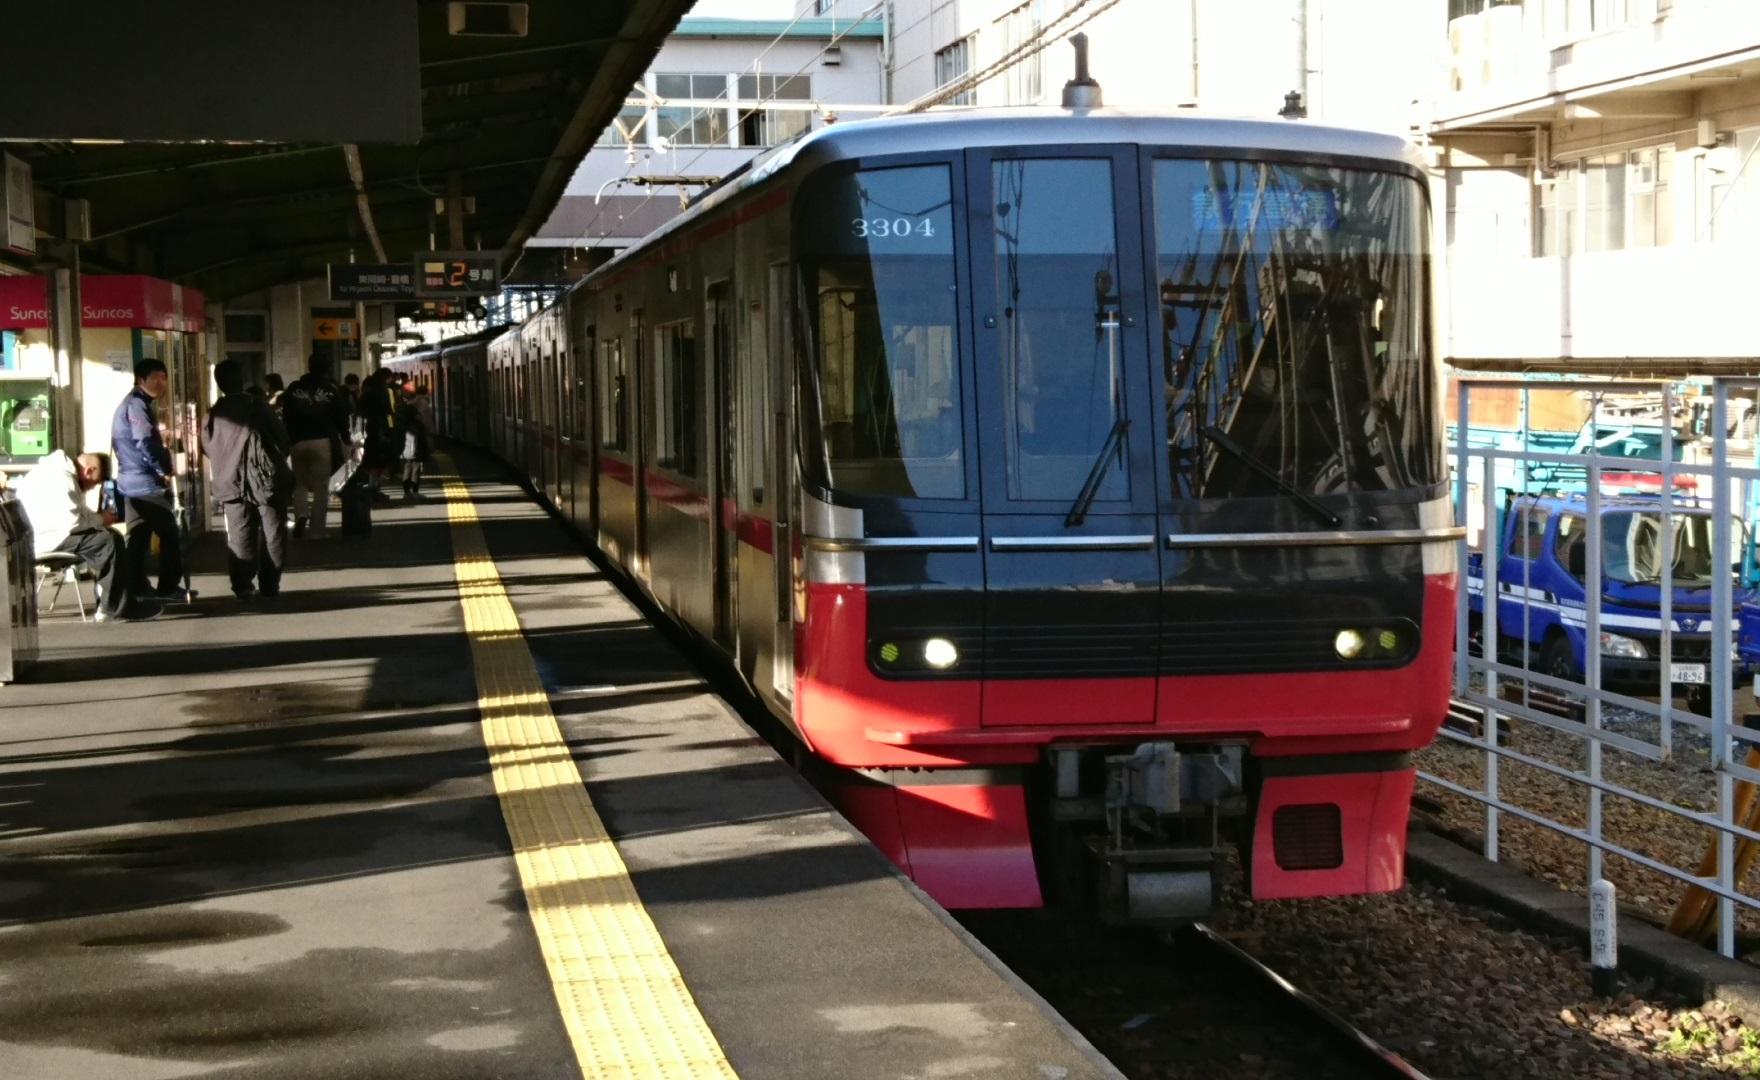 2016.12.27 東岡崎まで (2) 神宮前 - 豊橋いき急行(3304)1760-1080